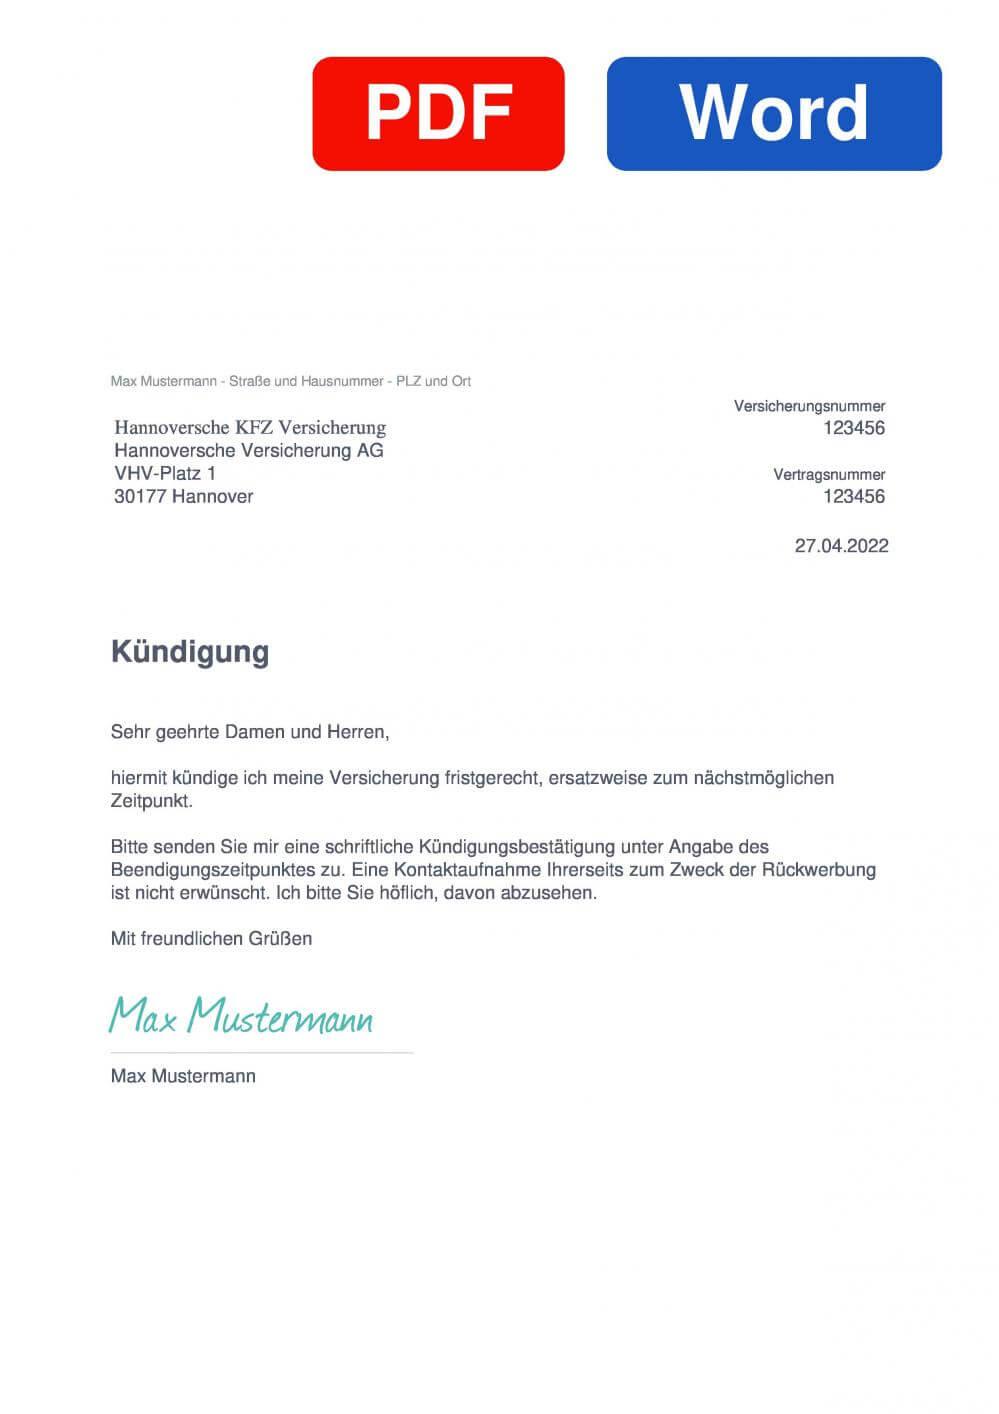 Hannoversche Lebensversicherung Muster Vorlage für Kündigungsschreiben